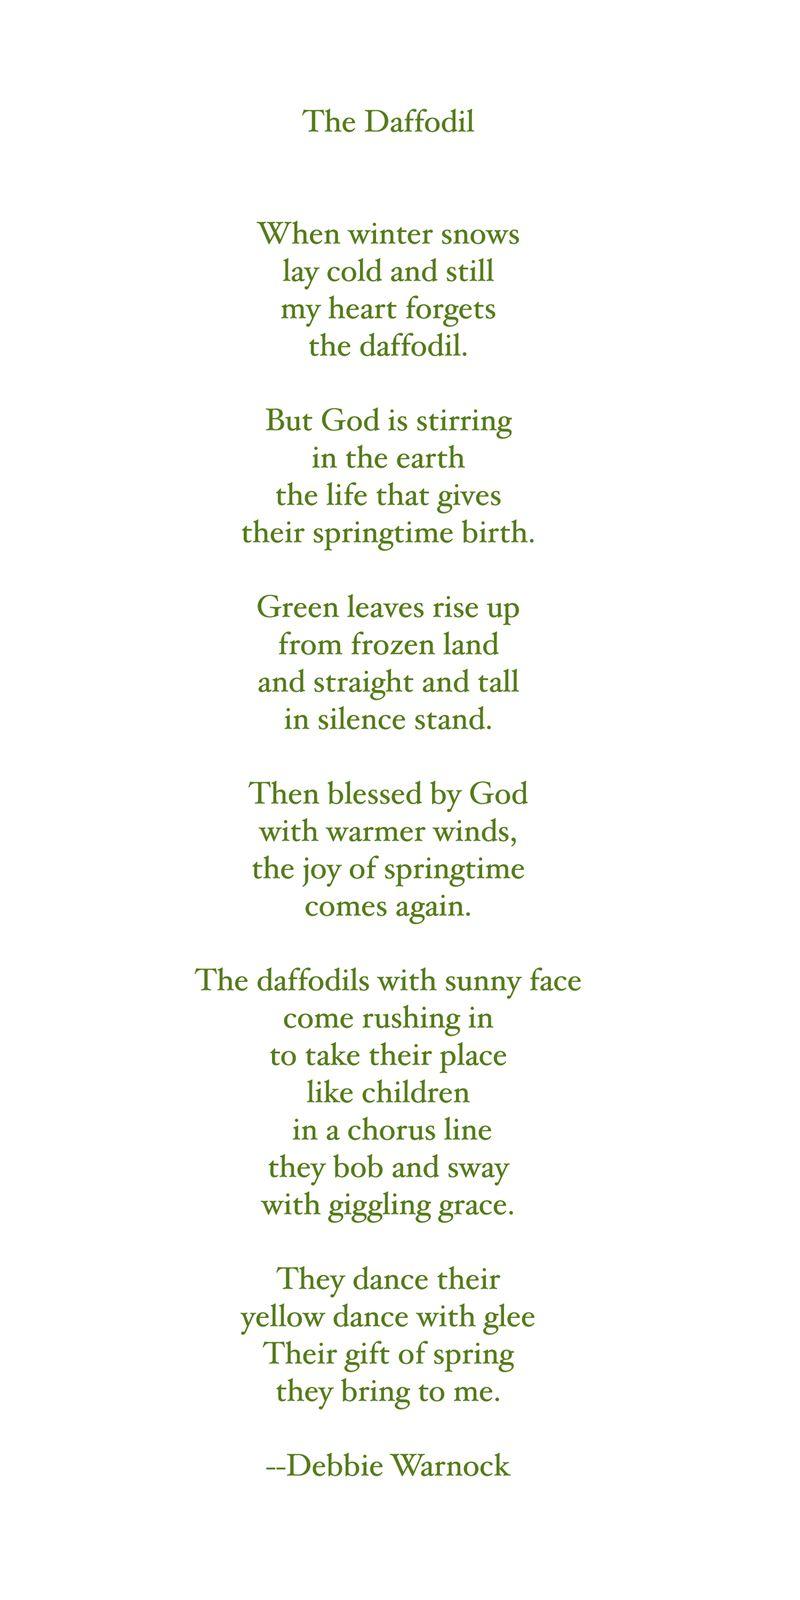 The Daffodil poem